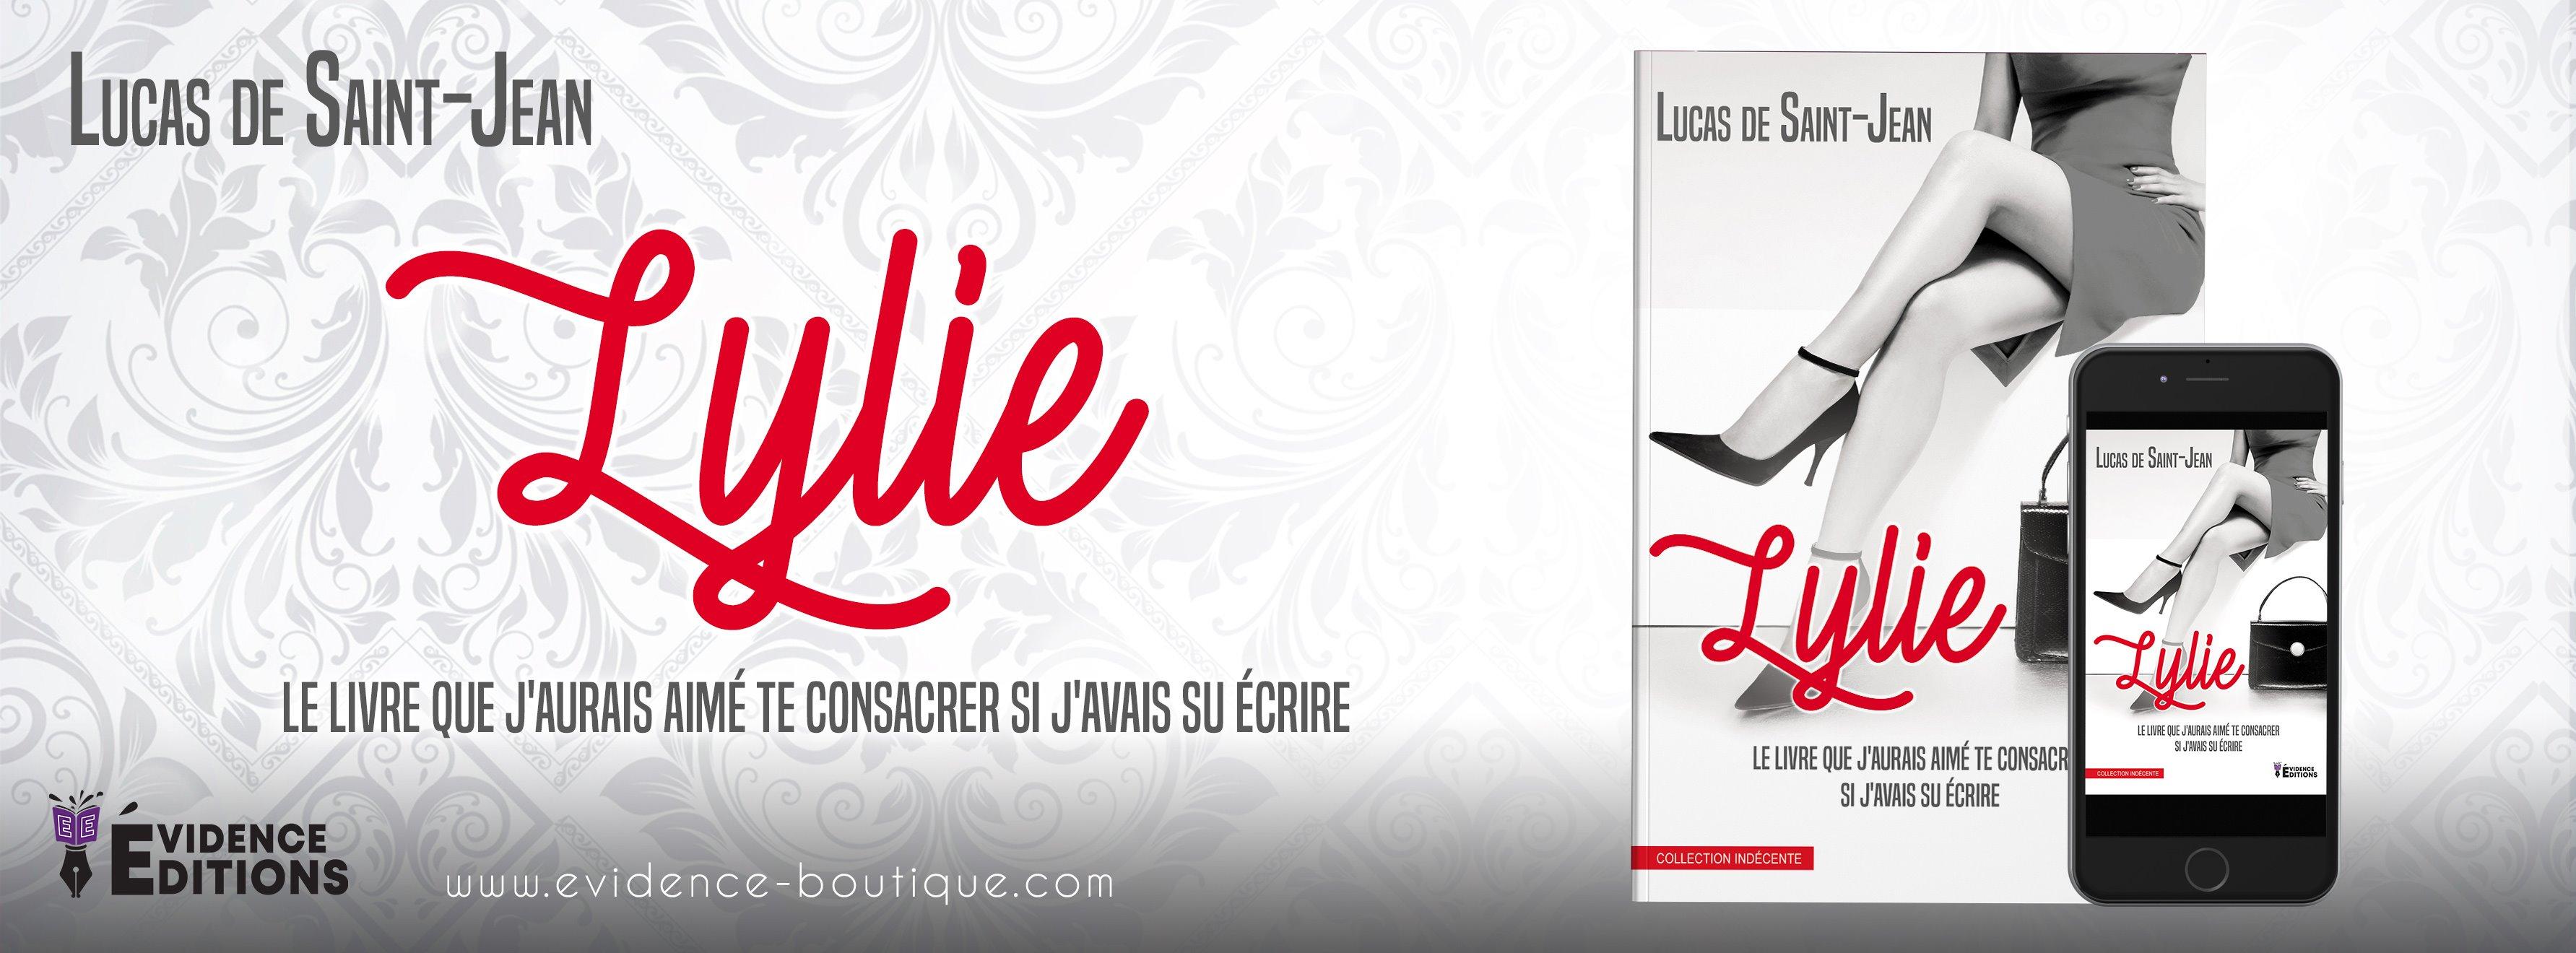 Lylie – Lucas de Saint Jean